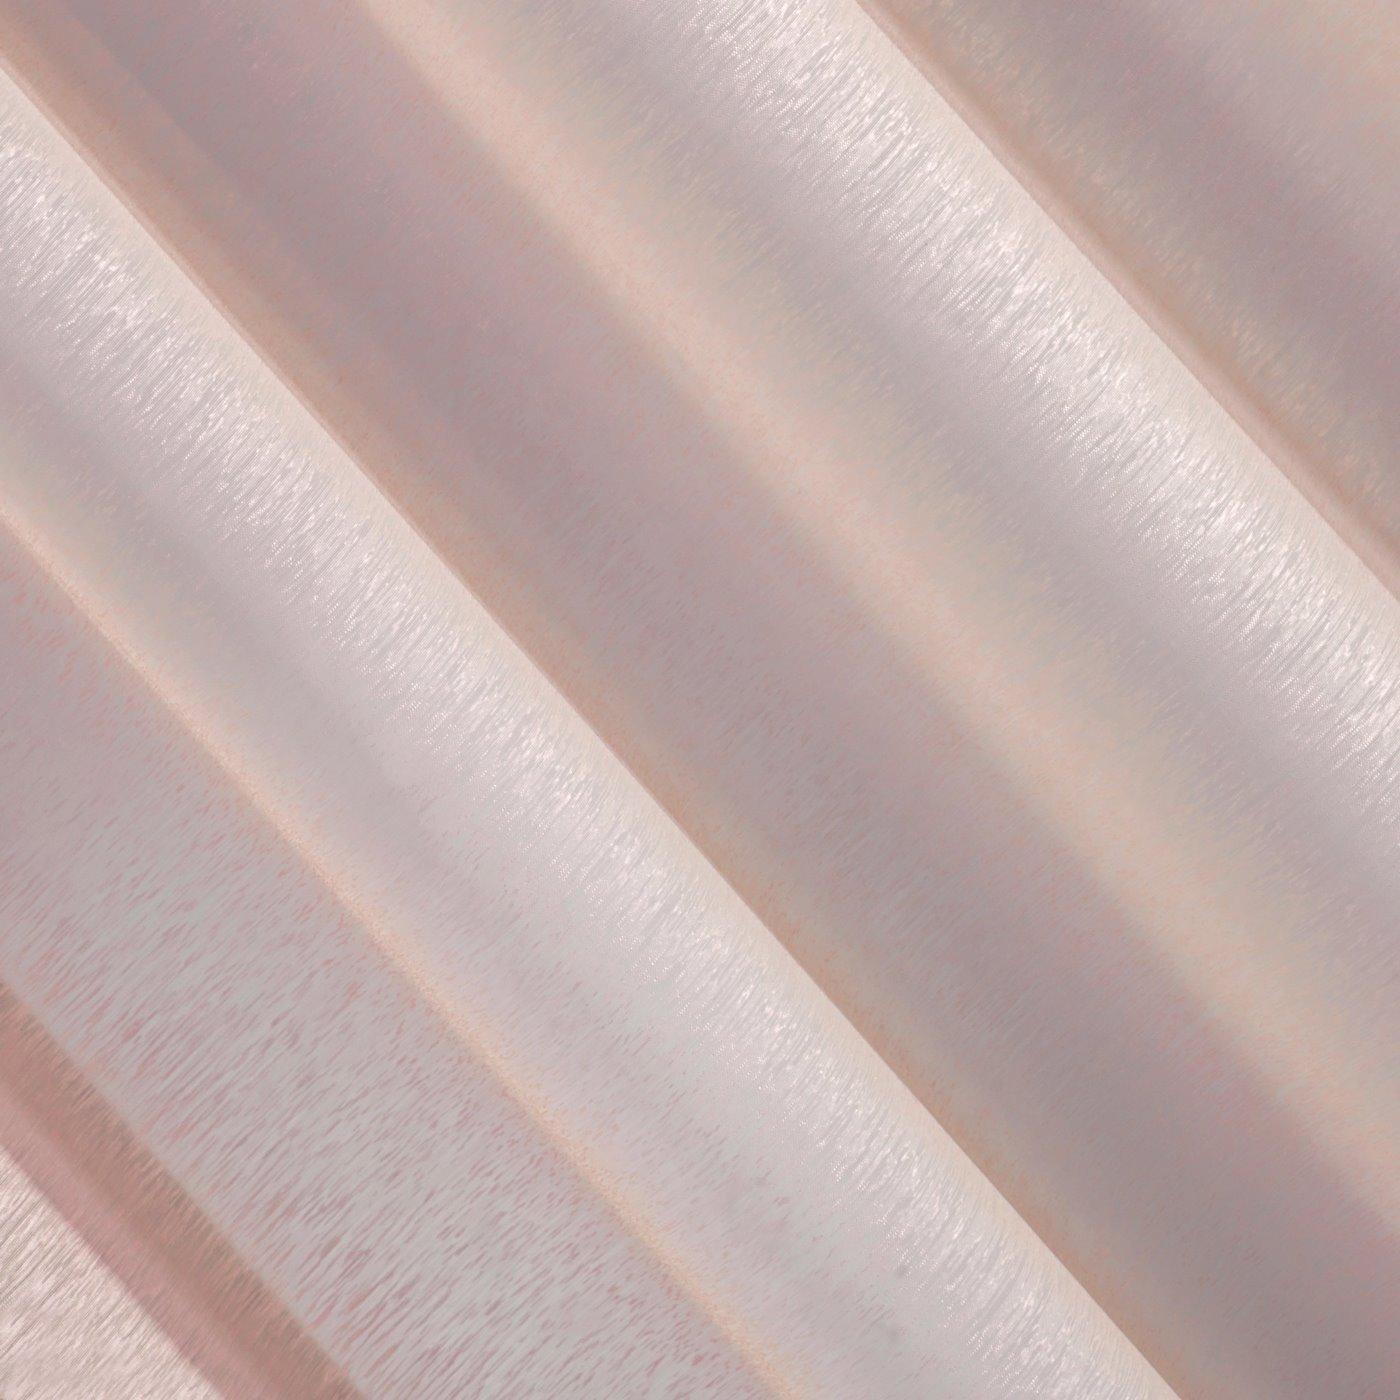 Firana różowa zwiewna o strukturze deszczyku 140 x 300 cm na taśmie